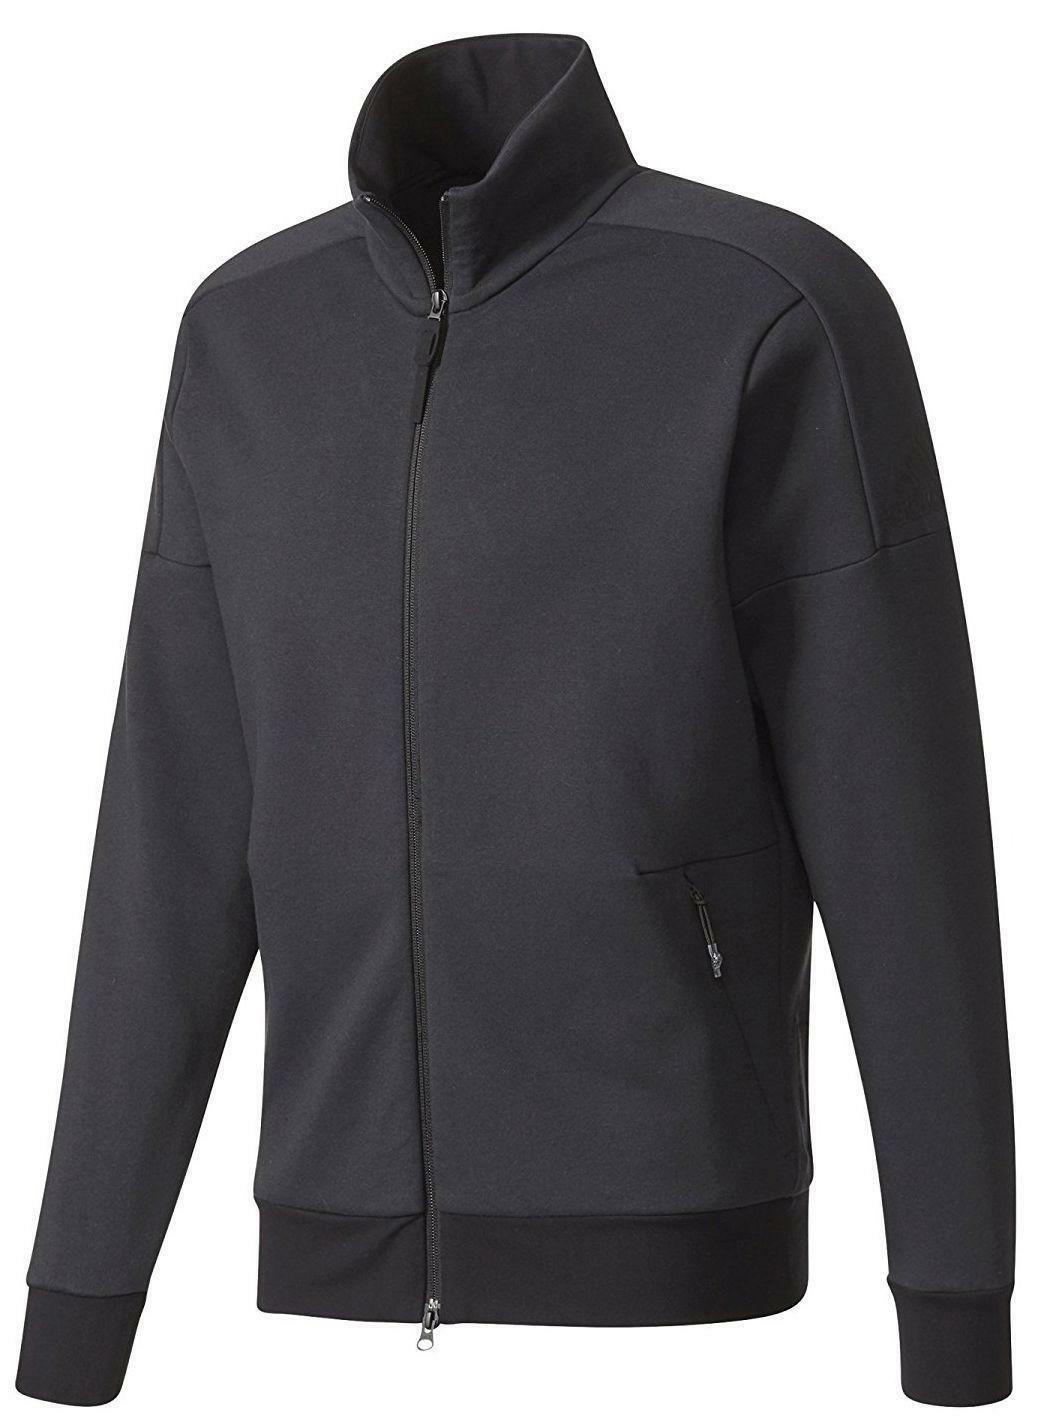 Adidas zne track top giacchetto uomo nero